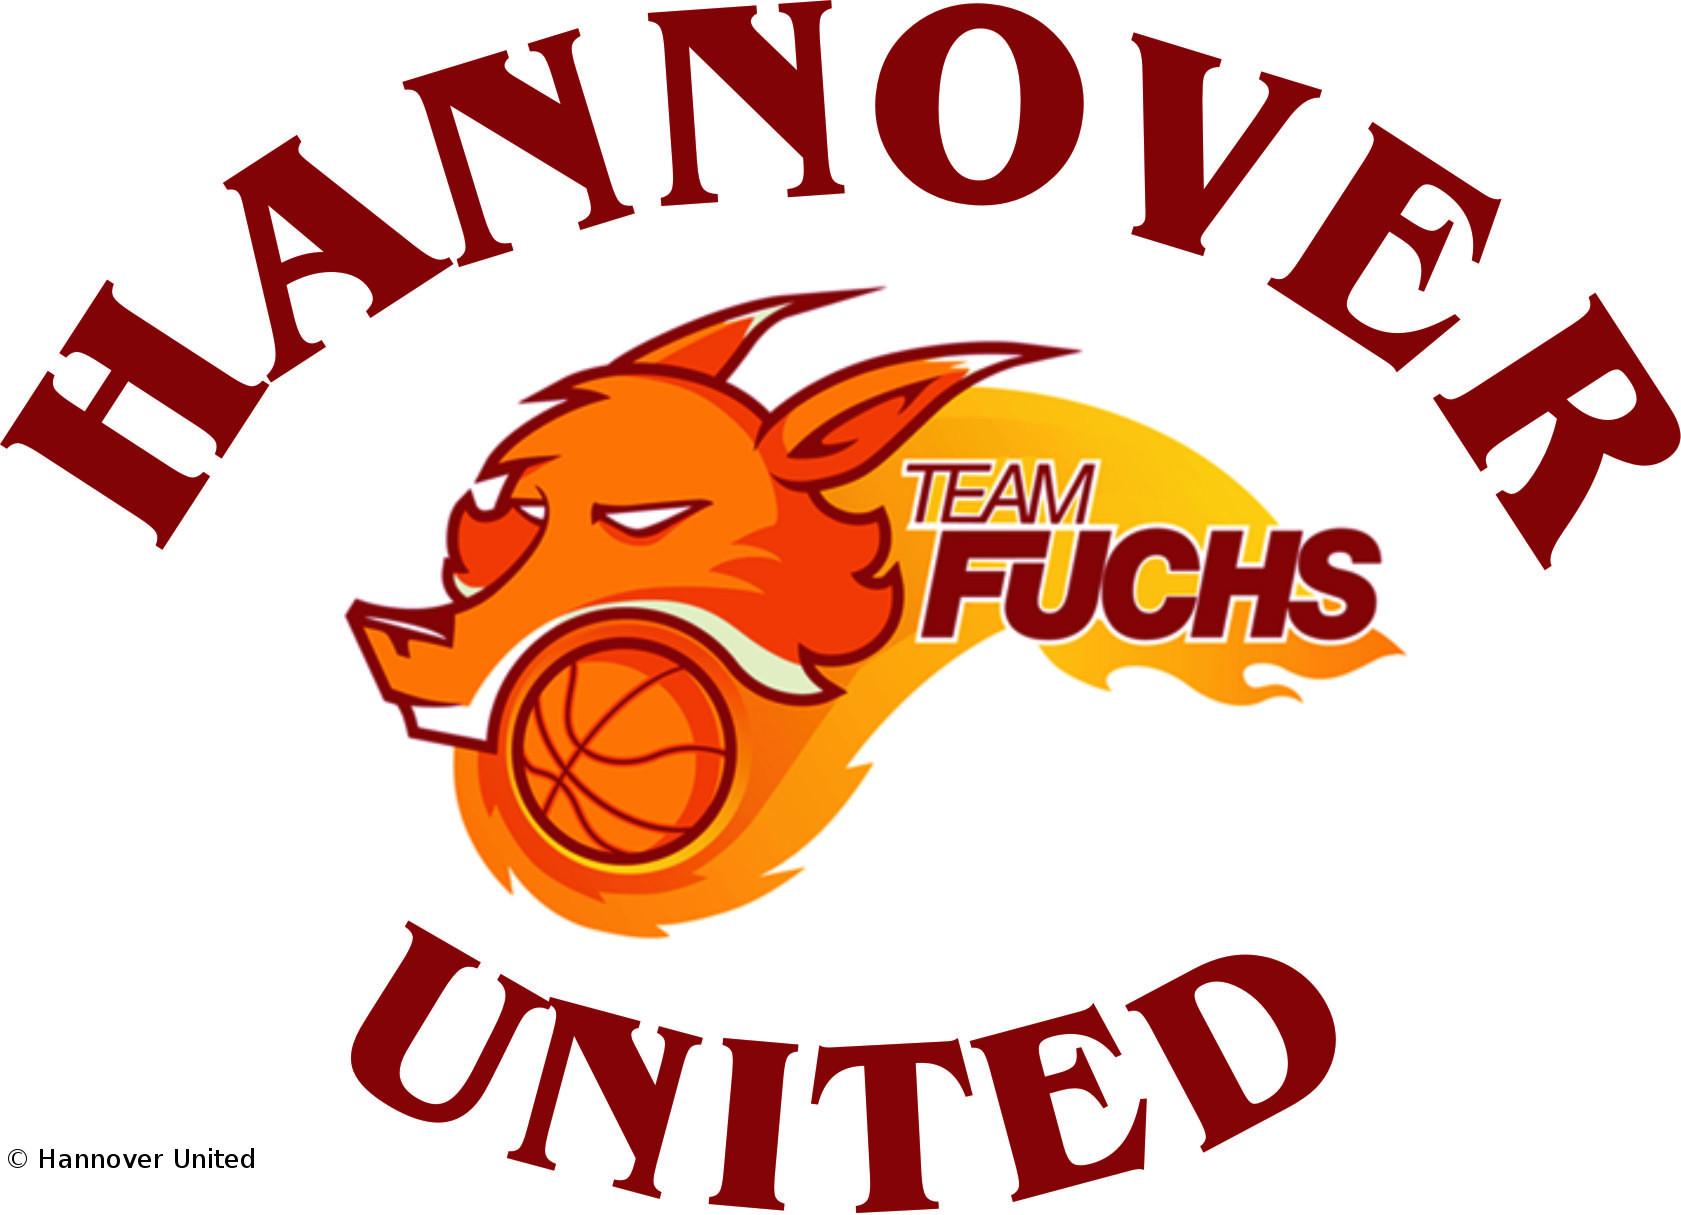 Phillip Schorp spielt nicht mehr für Hannover United